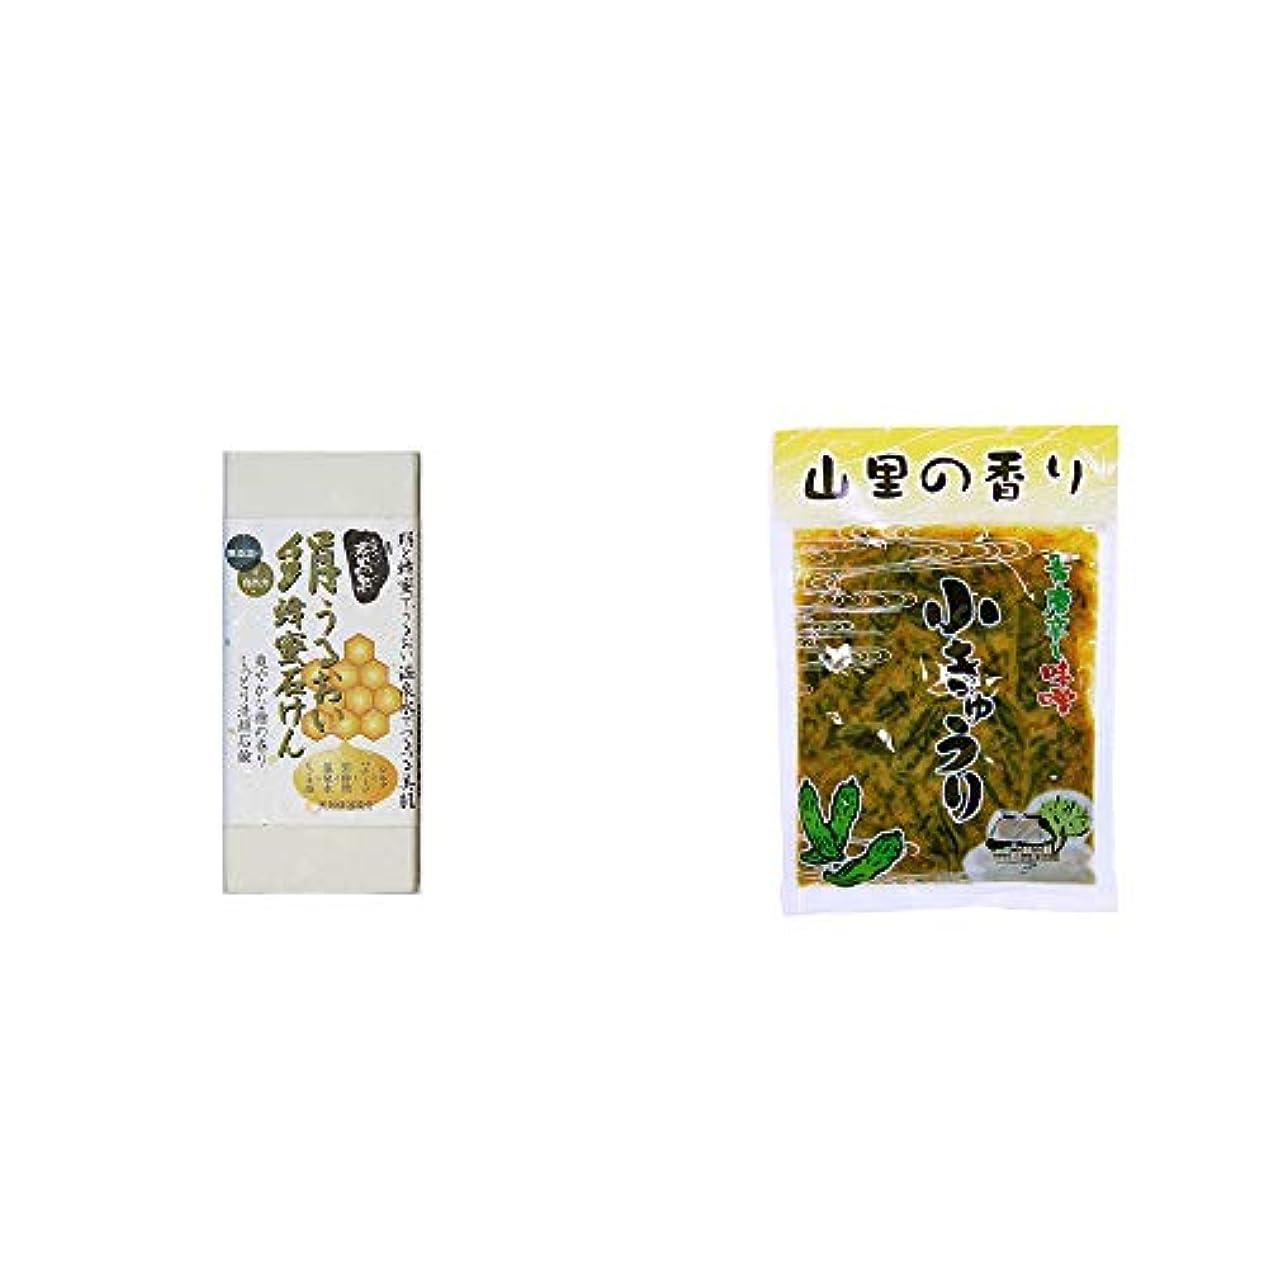 理想的承認する押す[2点セット] ひのき炭黒泉 絹うるおい蜂蜜石けん(75g×2)?山里の香り 青唐辛し味噌 小きゅうり(250g)